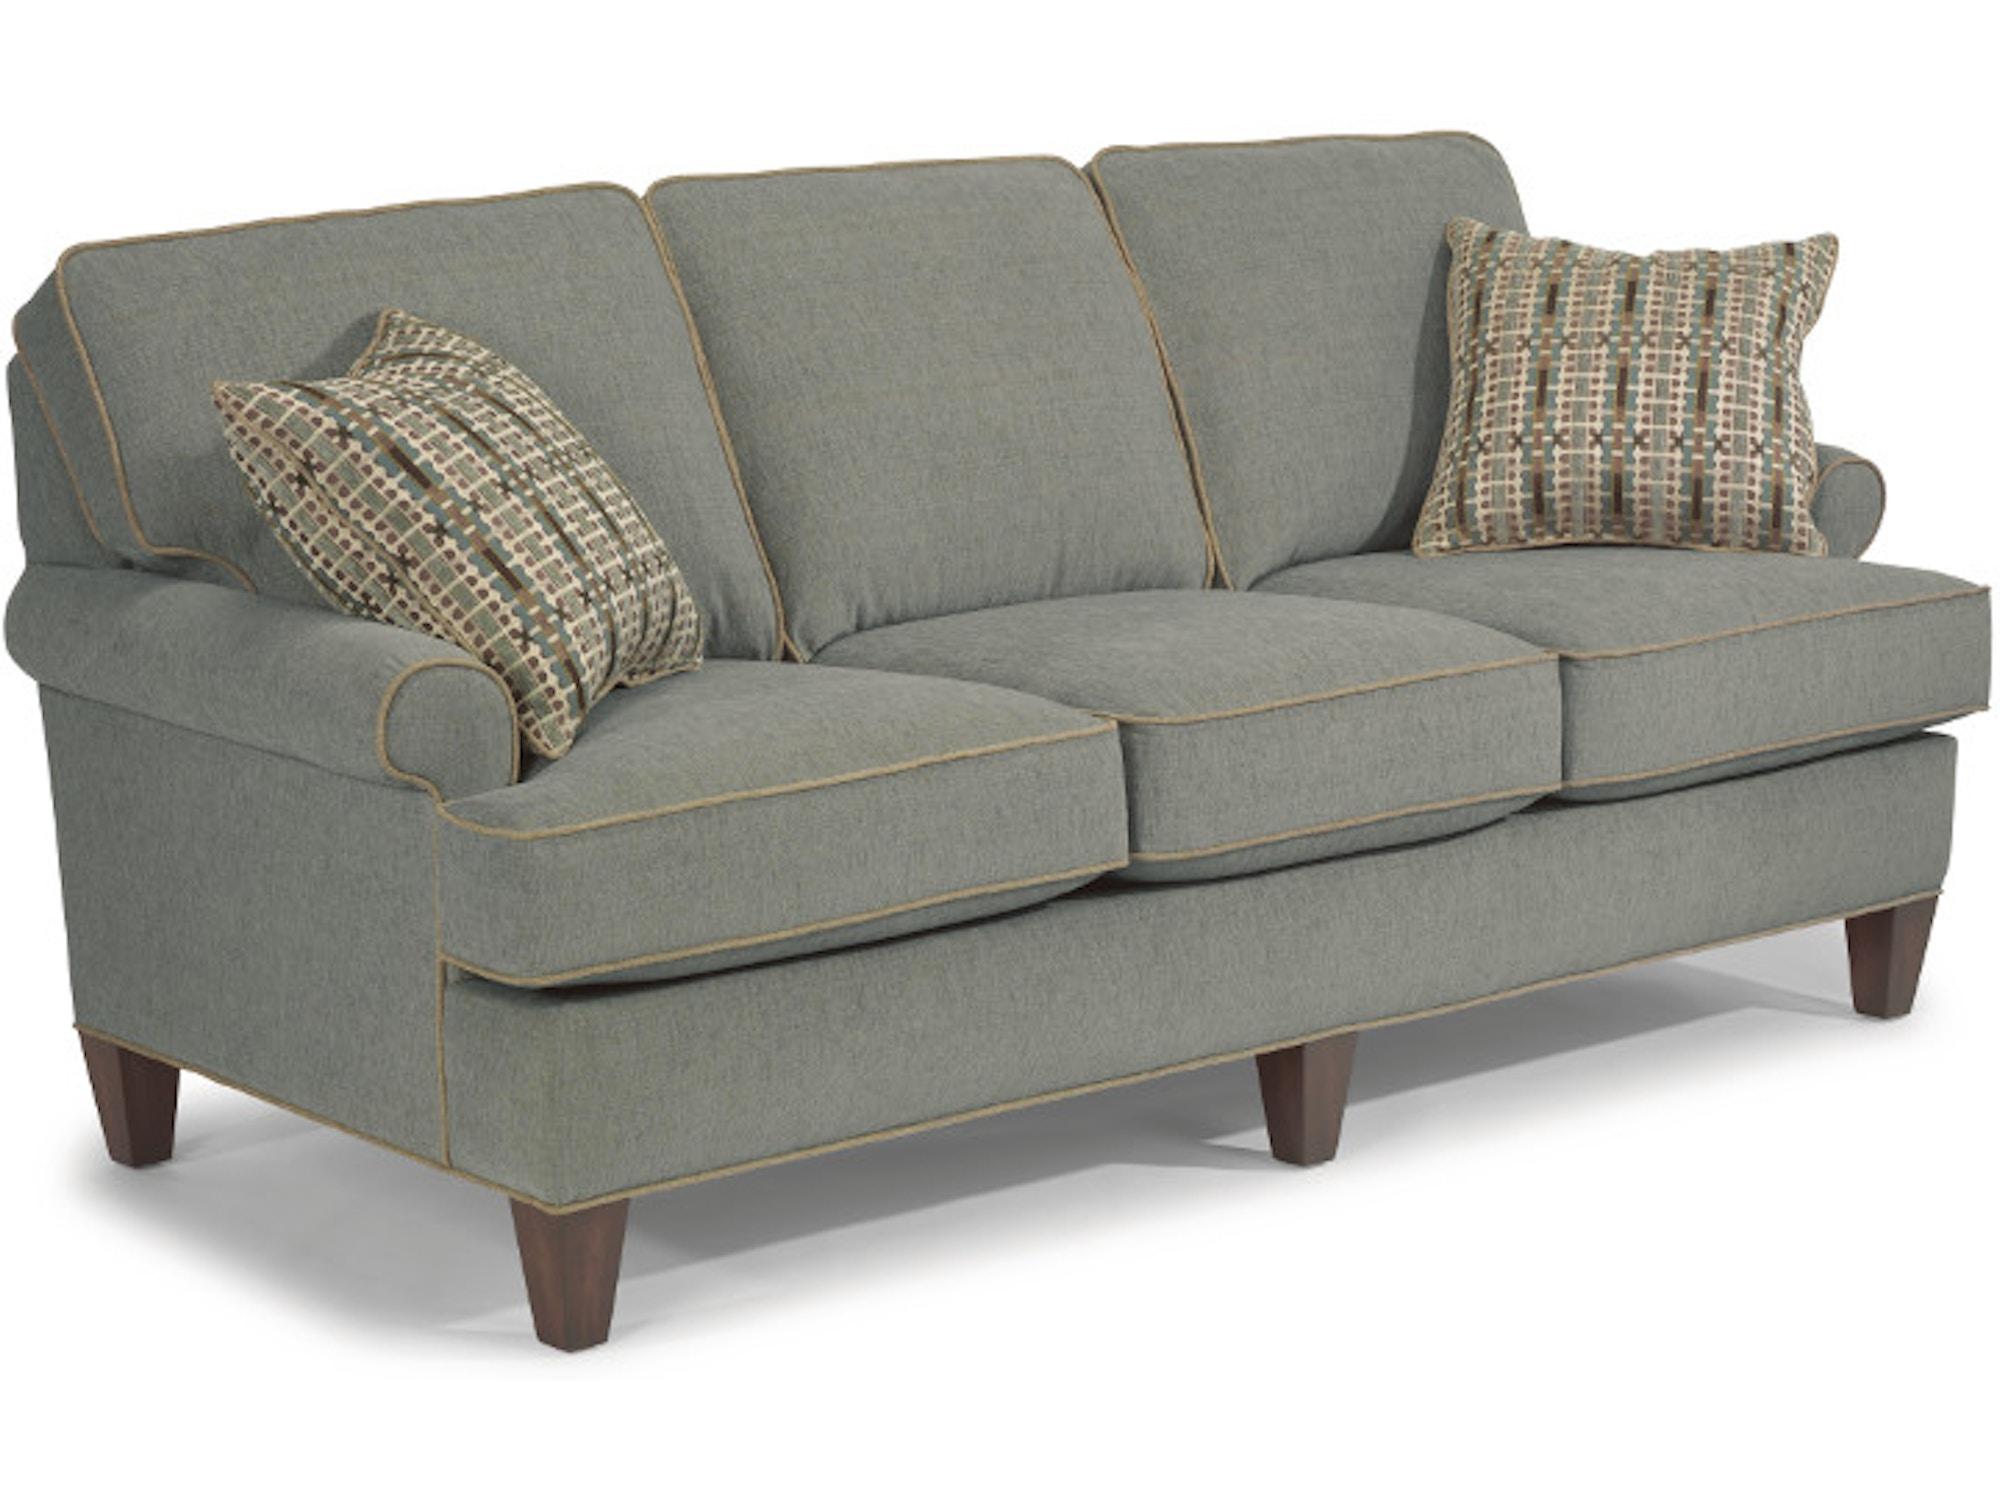 058929 Sundance Sofa